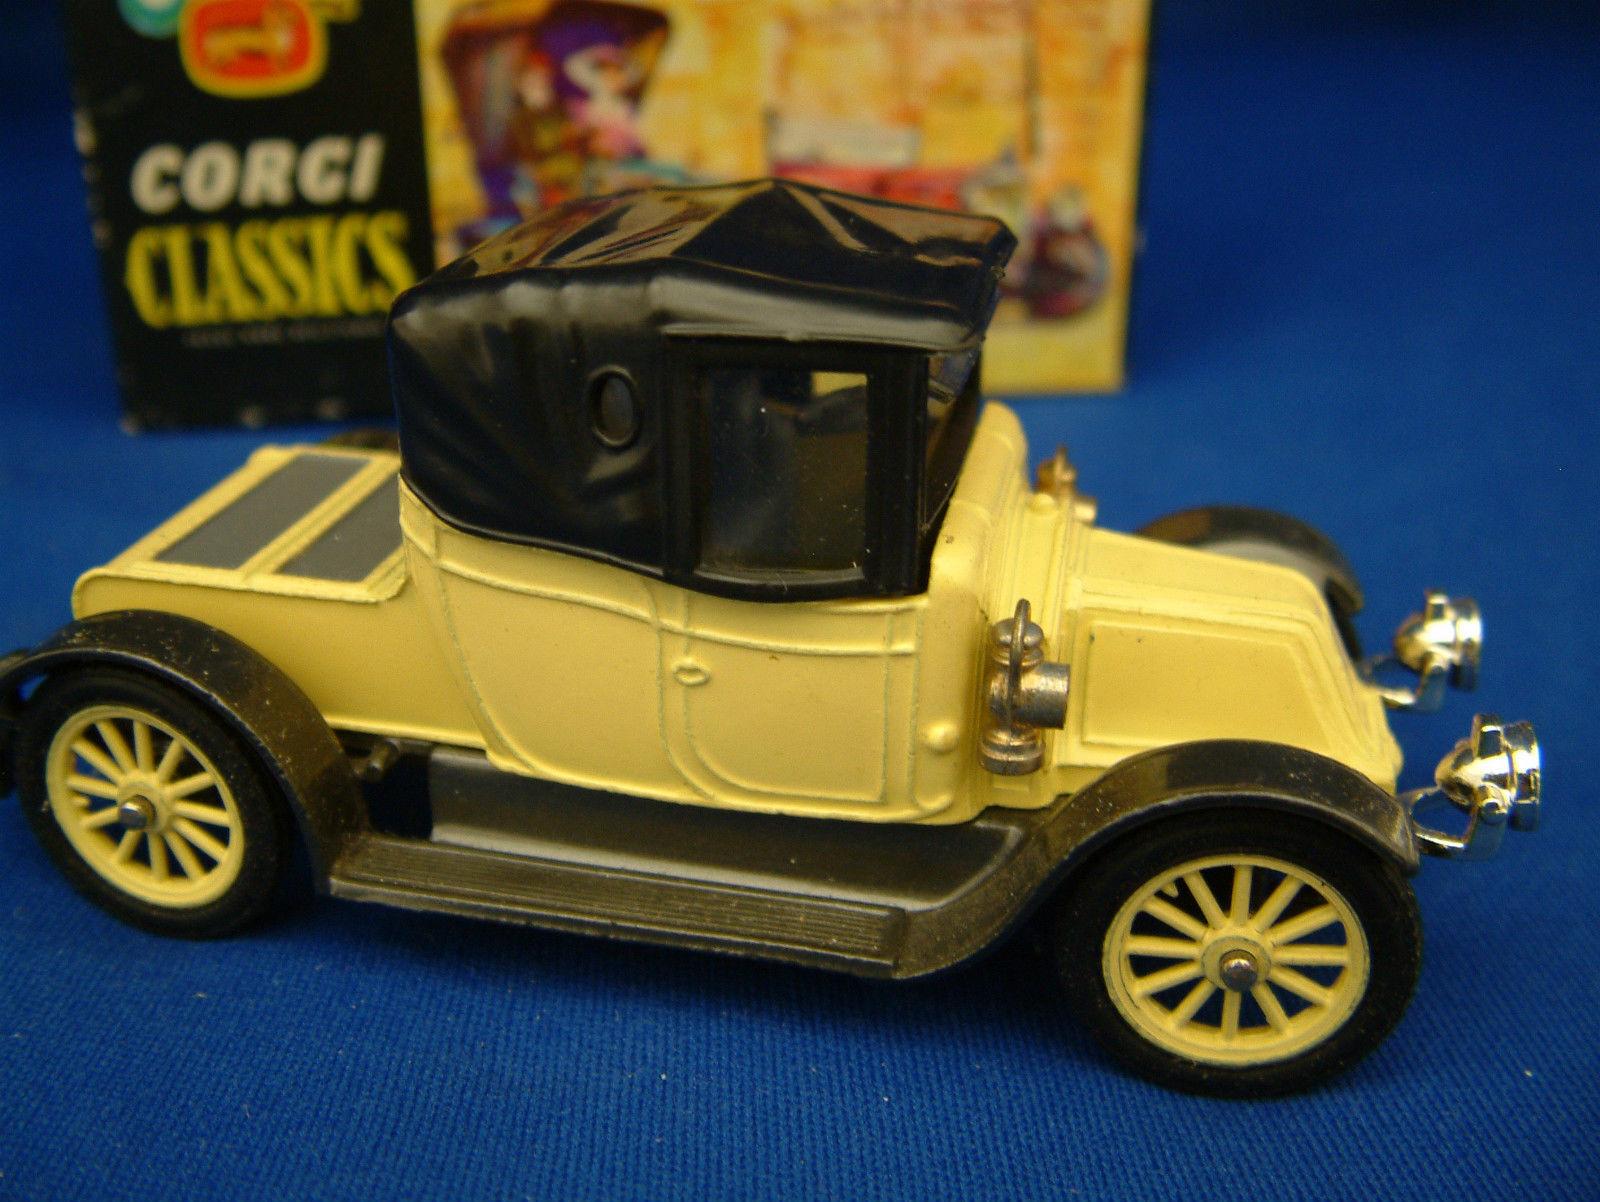 CORGI 9032 RENAULT 12 16 1910 DIE DIE DIE CAST MODEL CAR NEW FACTORY BOXED   FREE SHIP 17ecc5